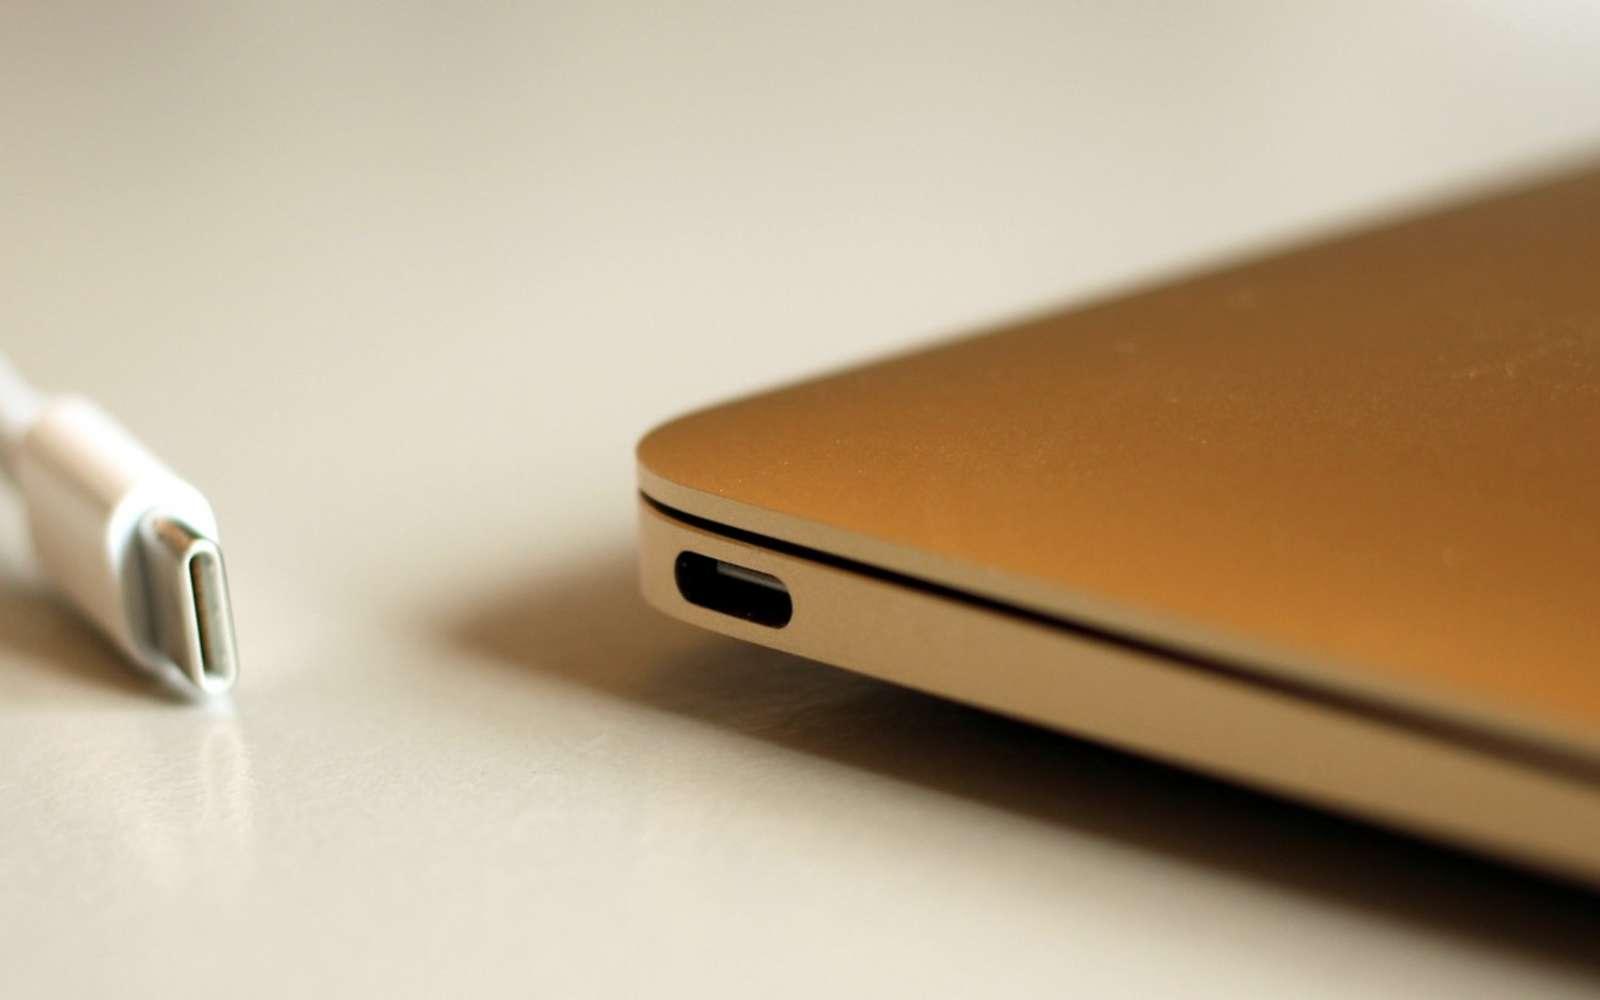 Polyvalente, la technologie USB-C accepte les câbles d'alimentation aussi bien que les accessoires pour transférer et stocker des données. © Maurizio Pesce, Flickr